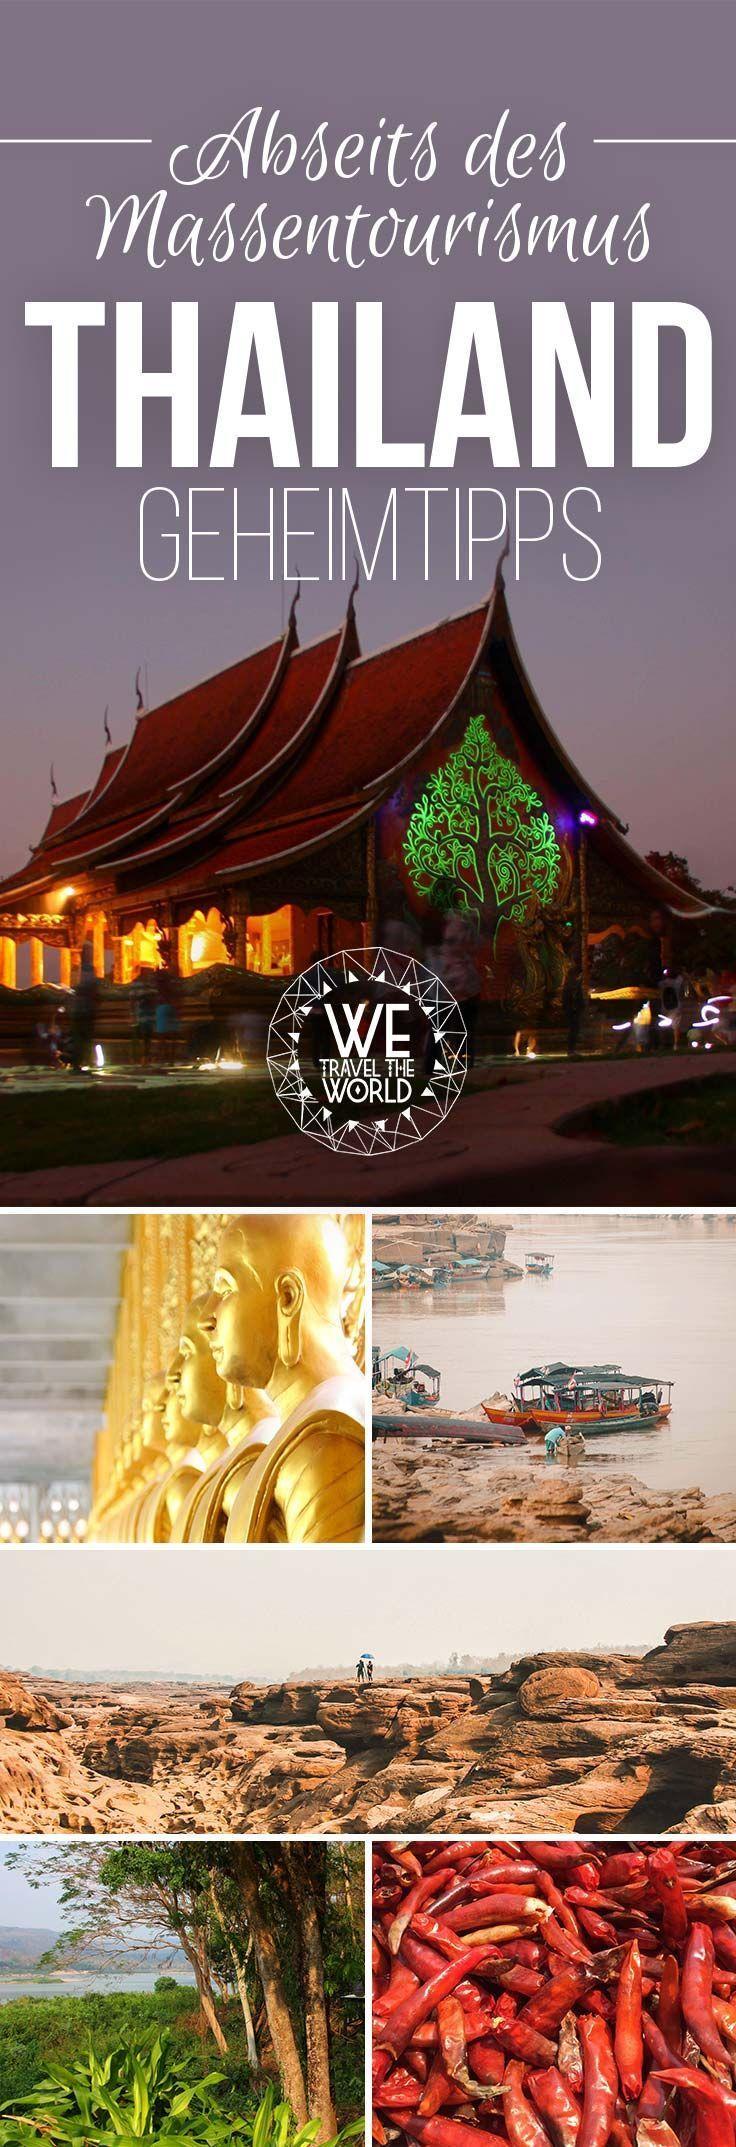 Thailand abseits des Massentourismus: 11 Ecken, die du garantiert noch nicht gesehen hast #backpackingthailand